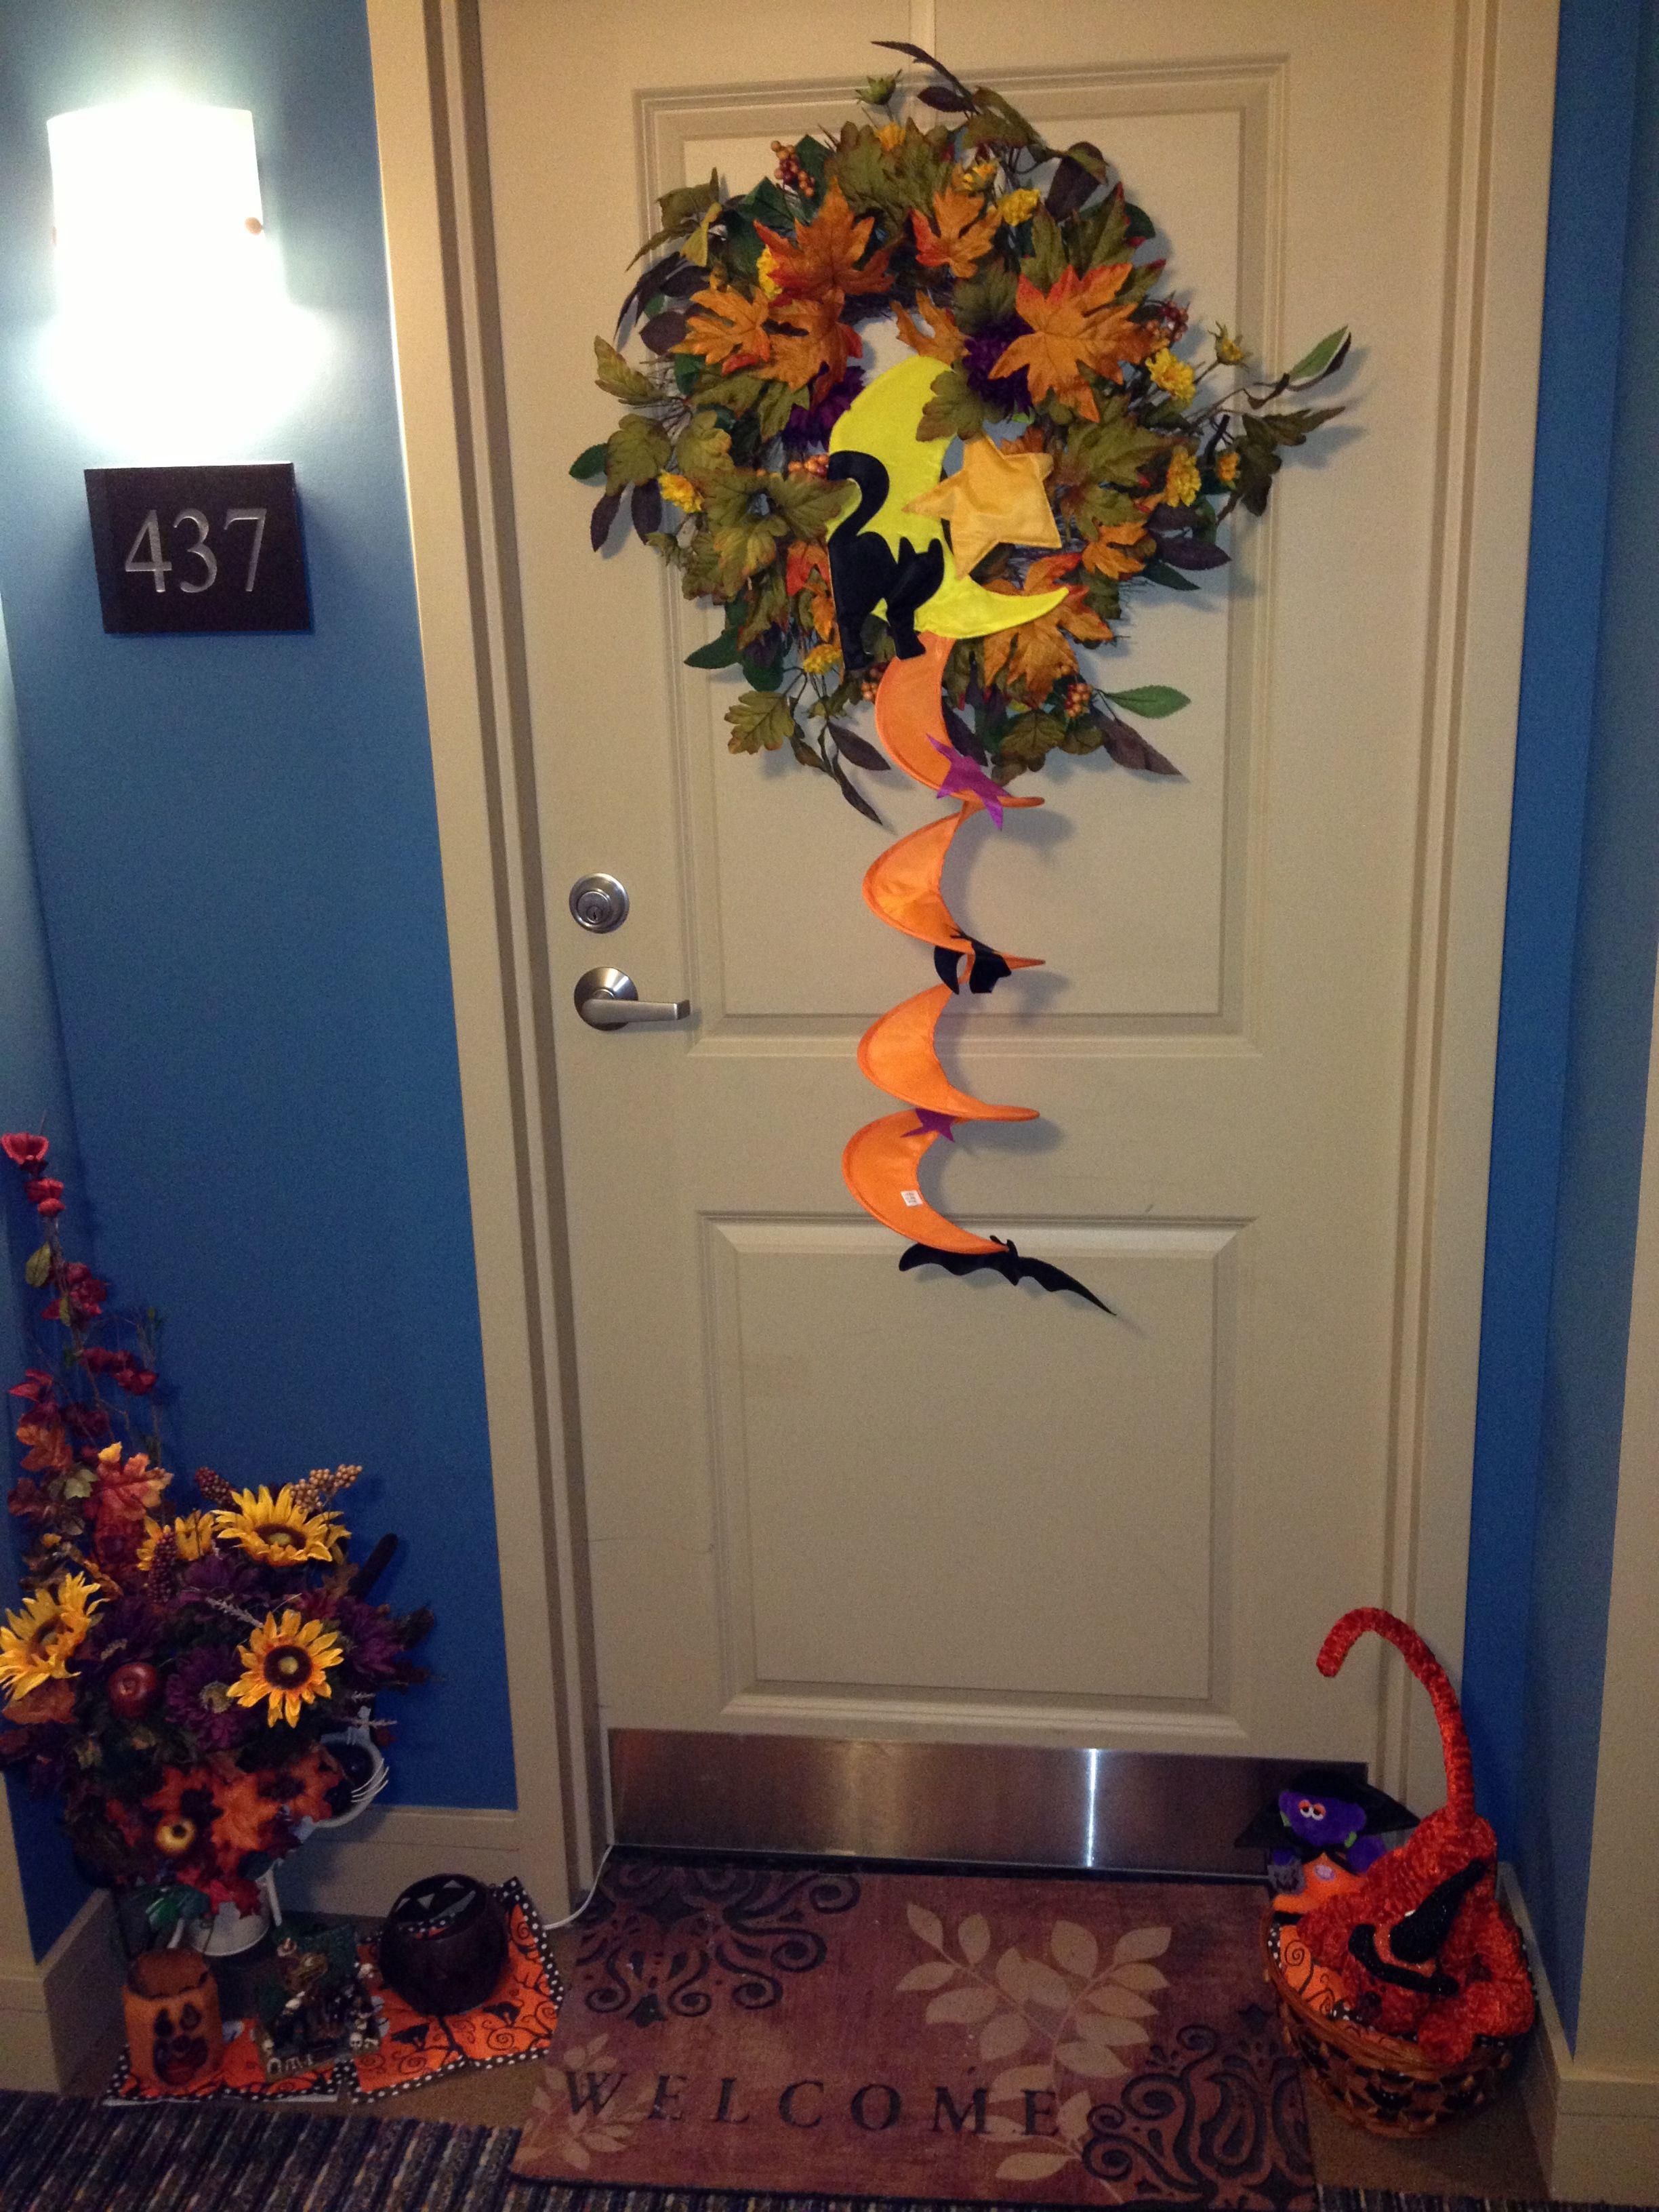 Halloween door decor contest #437 Mercer Events Pinterest - door decoration halloween